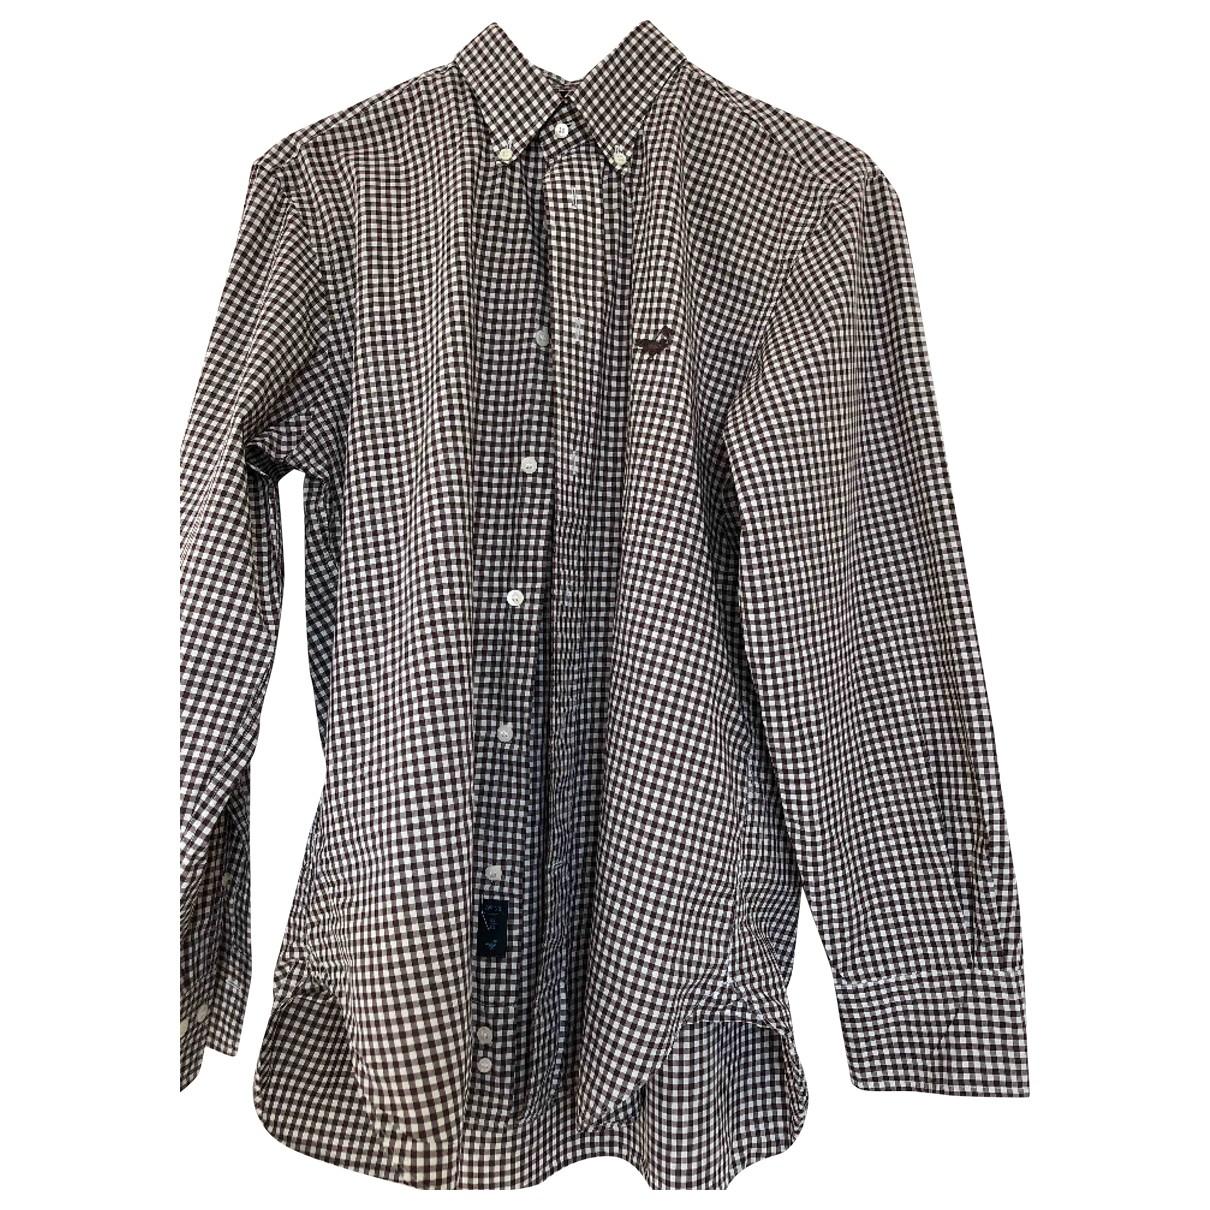 Faconnable \N Brown Cotton Shirts for Men 16 UK - US (tour de cou / collar)